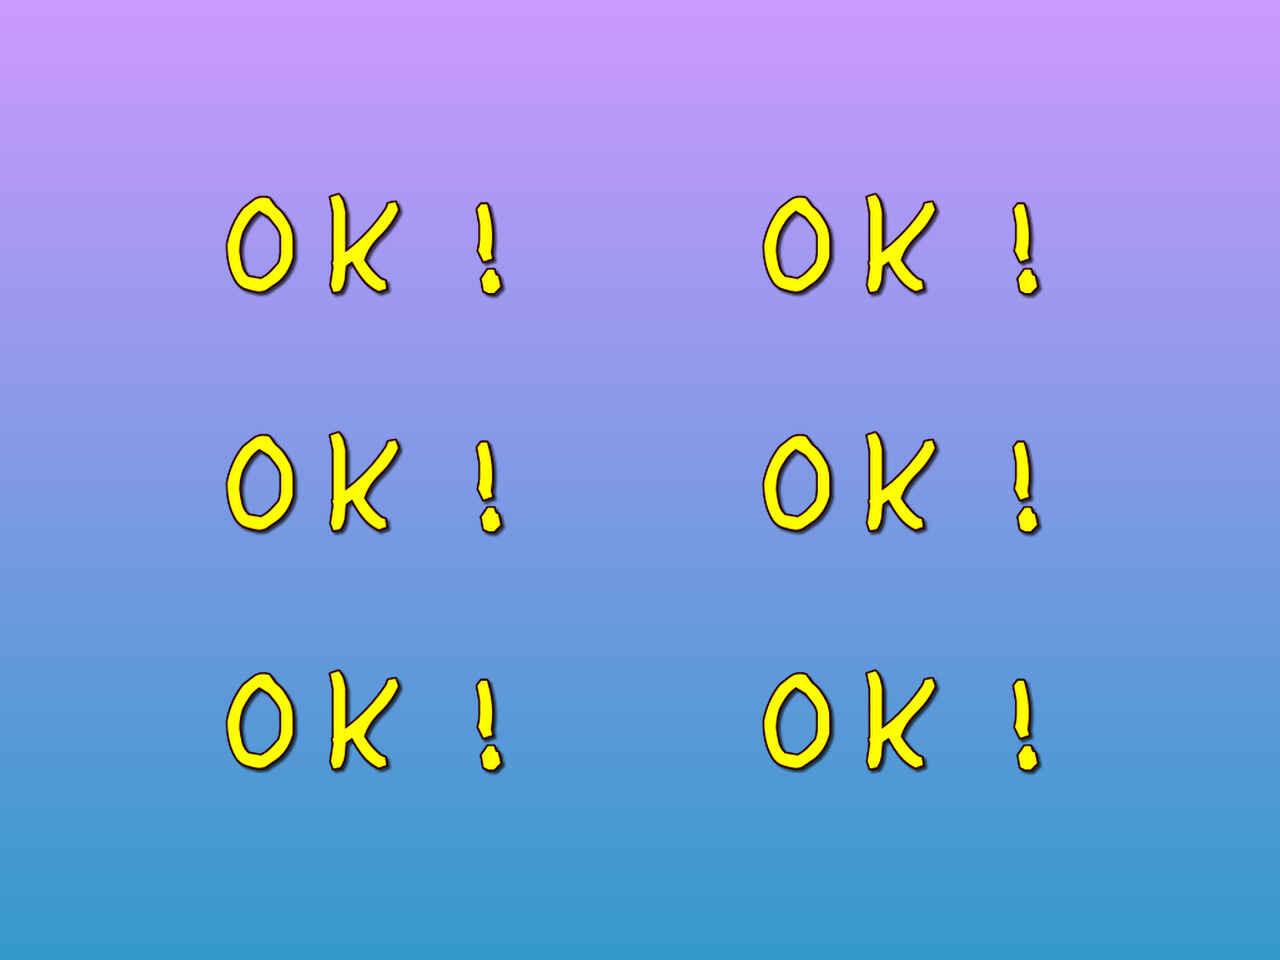 OK!OK!OK!OK!OK!OK!